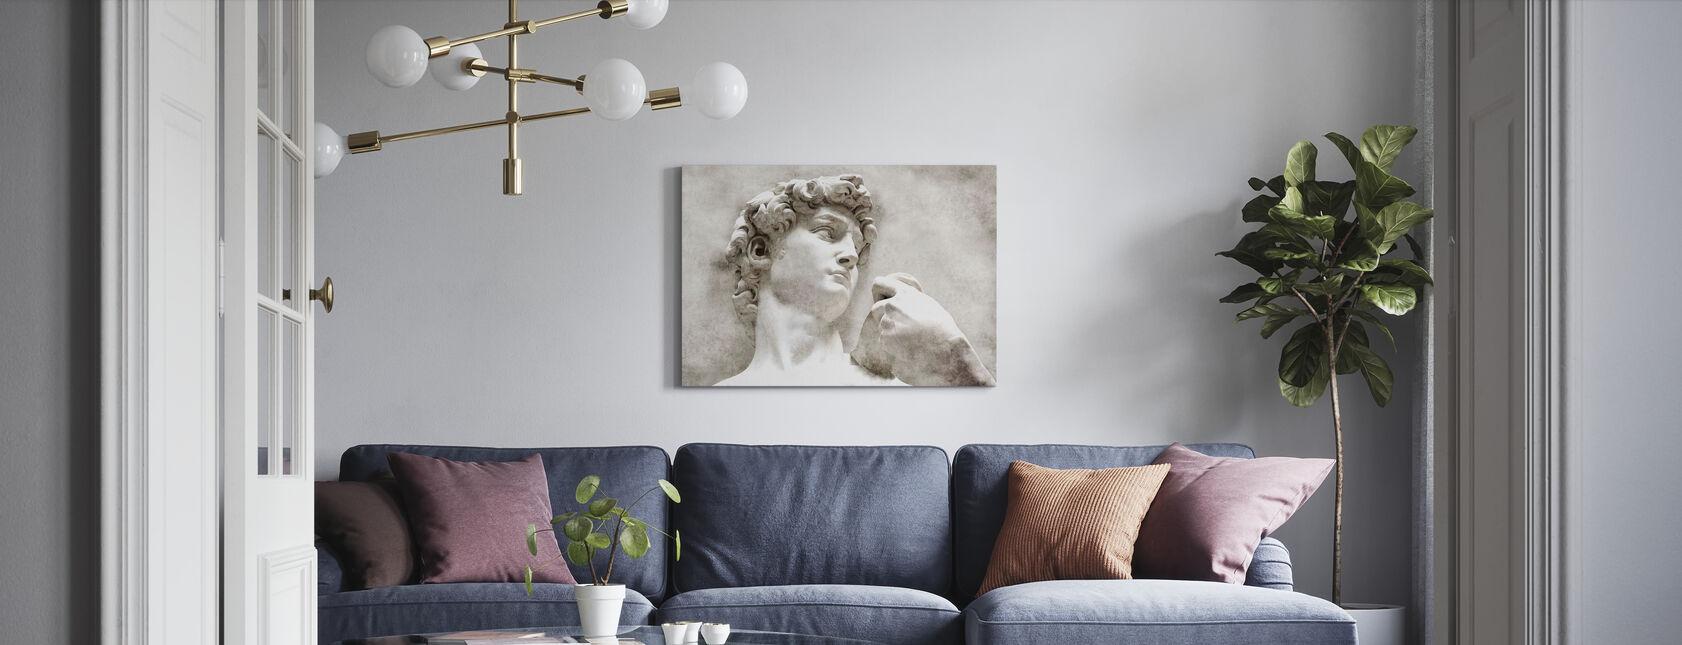 Statua di David di Michelangelo - Stampa su tela - Salotto